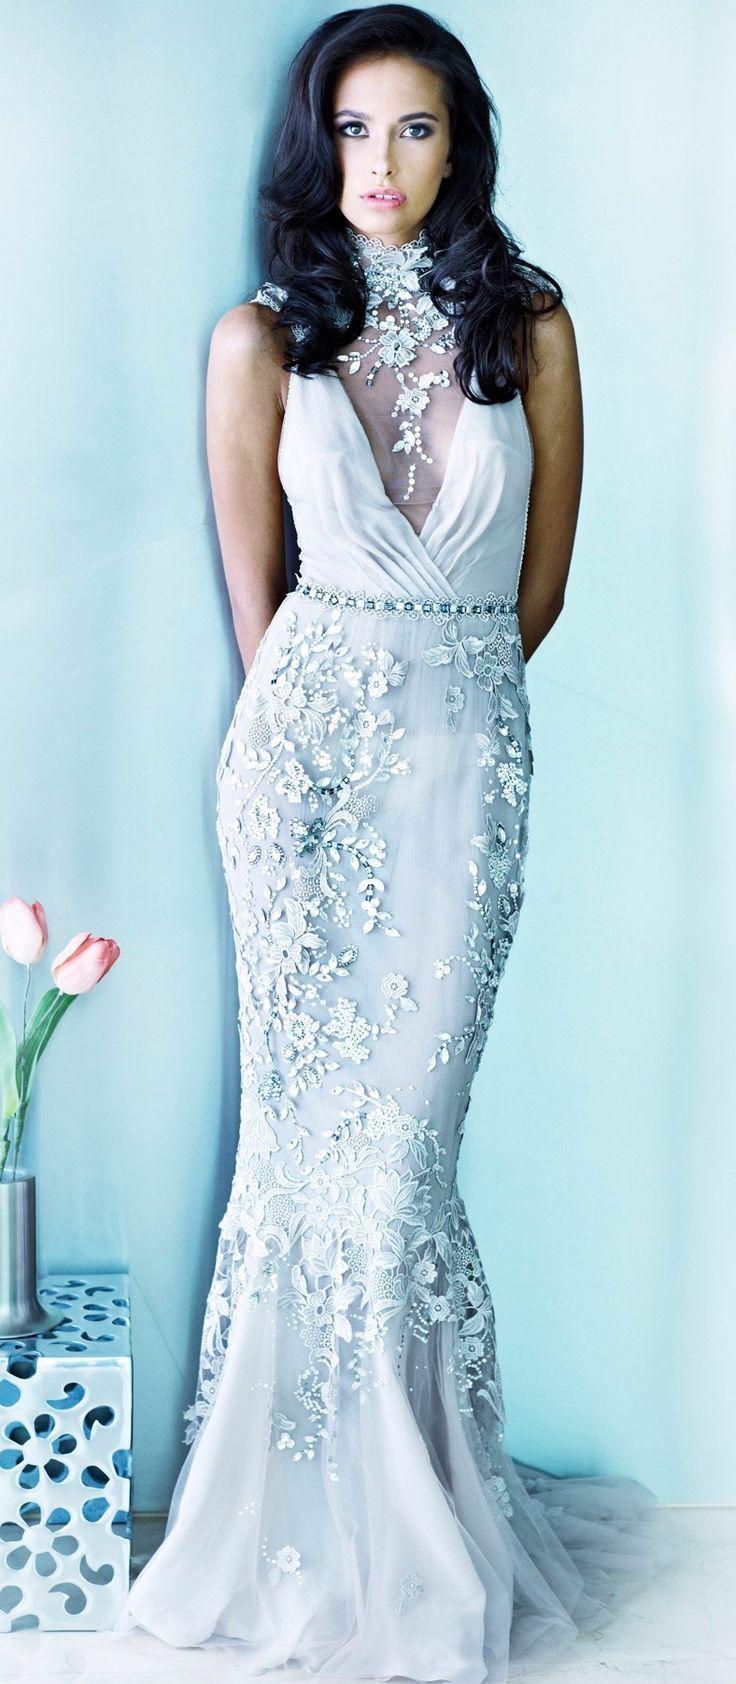 موعدنا الجنةعبايات مميزة لسهرتك الجميلةجميلة بفستانك الجميلجميلة انتي بكل مافيكي